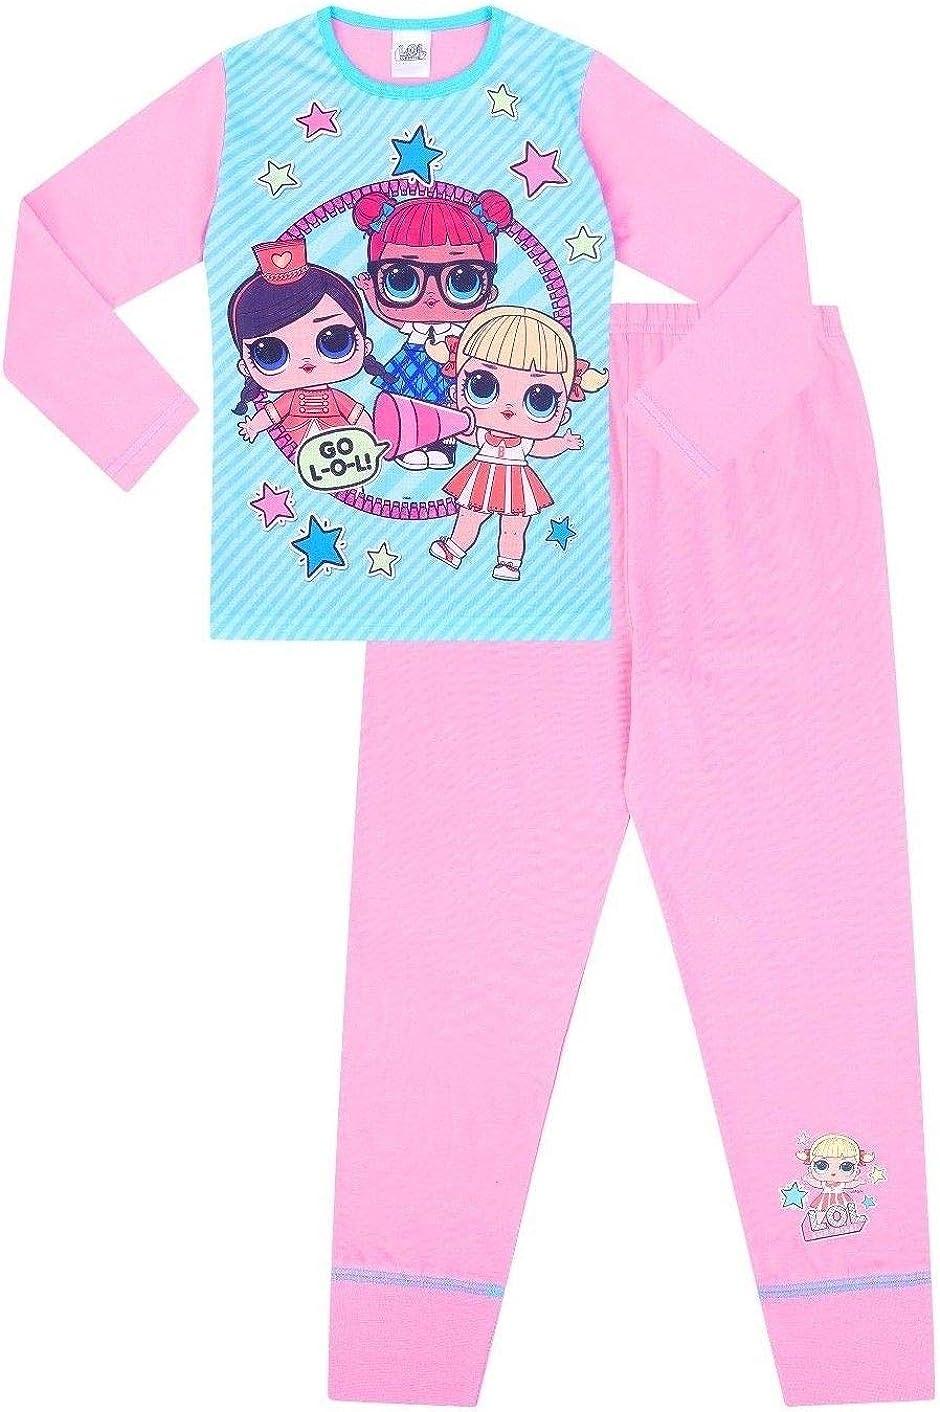 Pijamas Oficial LOL Surprise para Niñas Pj Go LOL Rosa Azul 30185